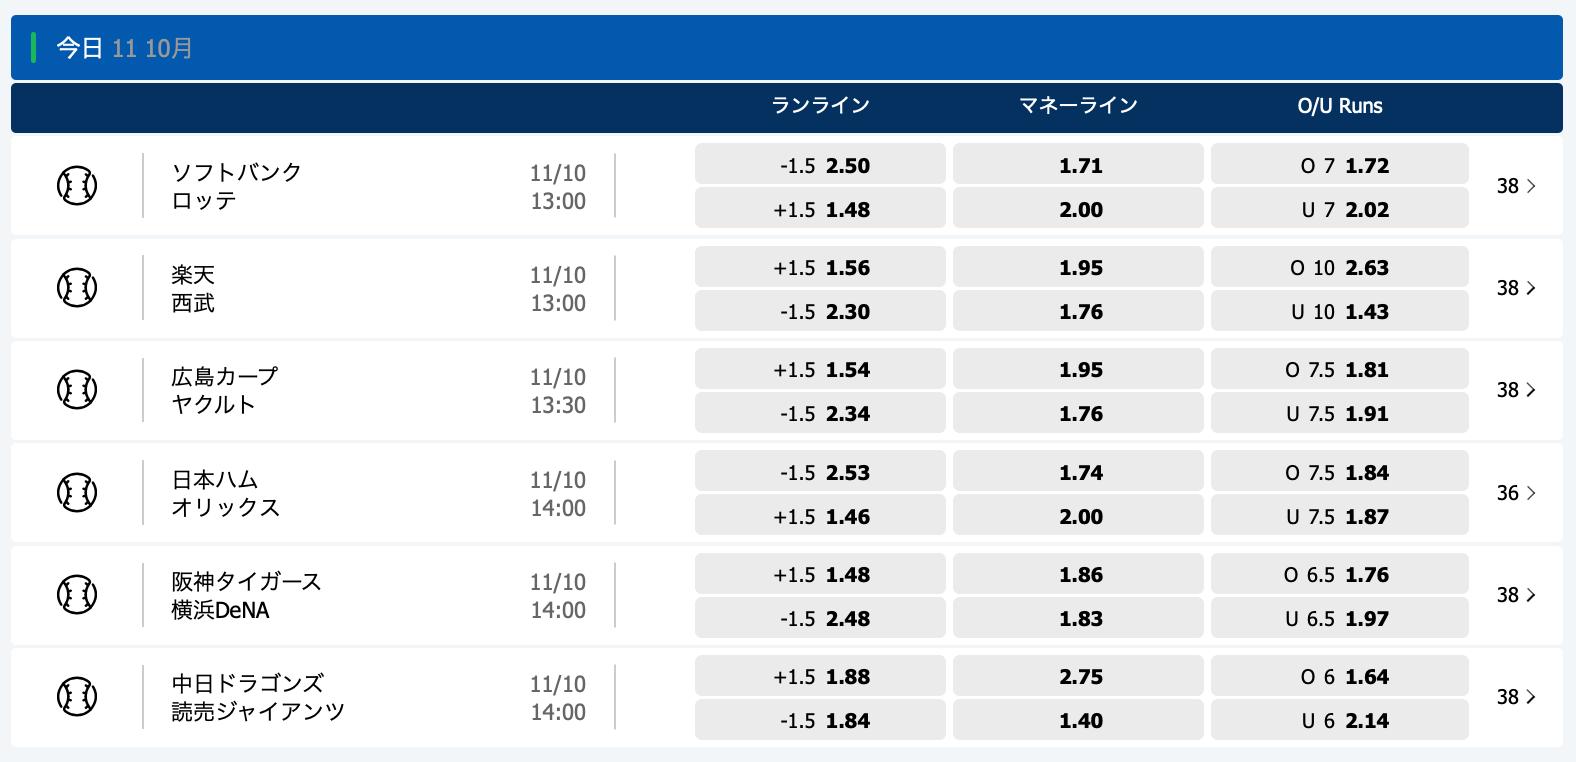 2020.10.11 プロ野球オッズ・10bet Japan